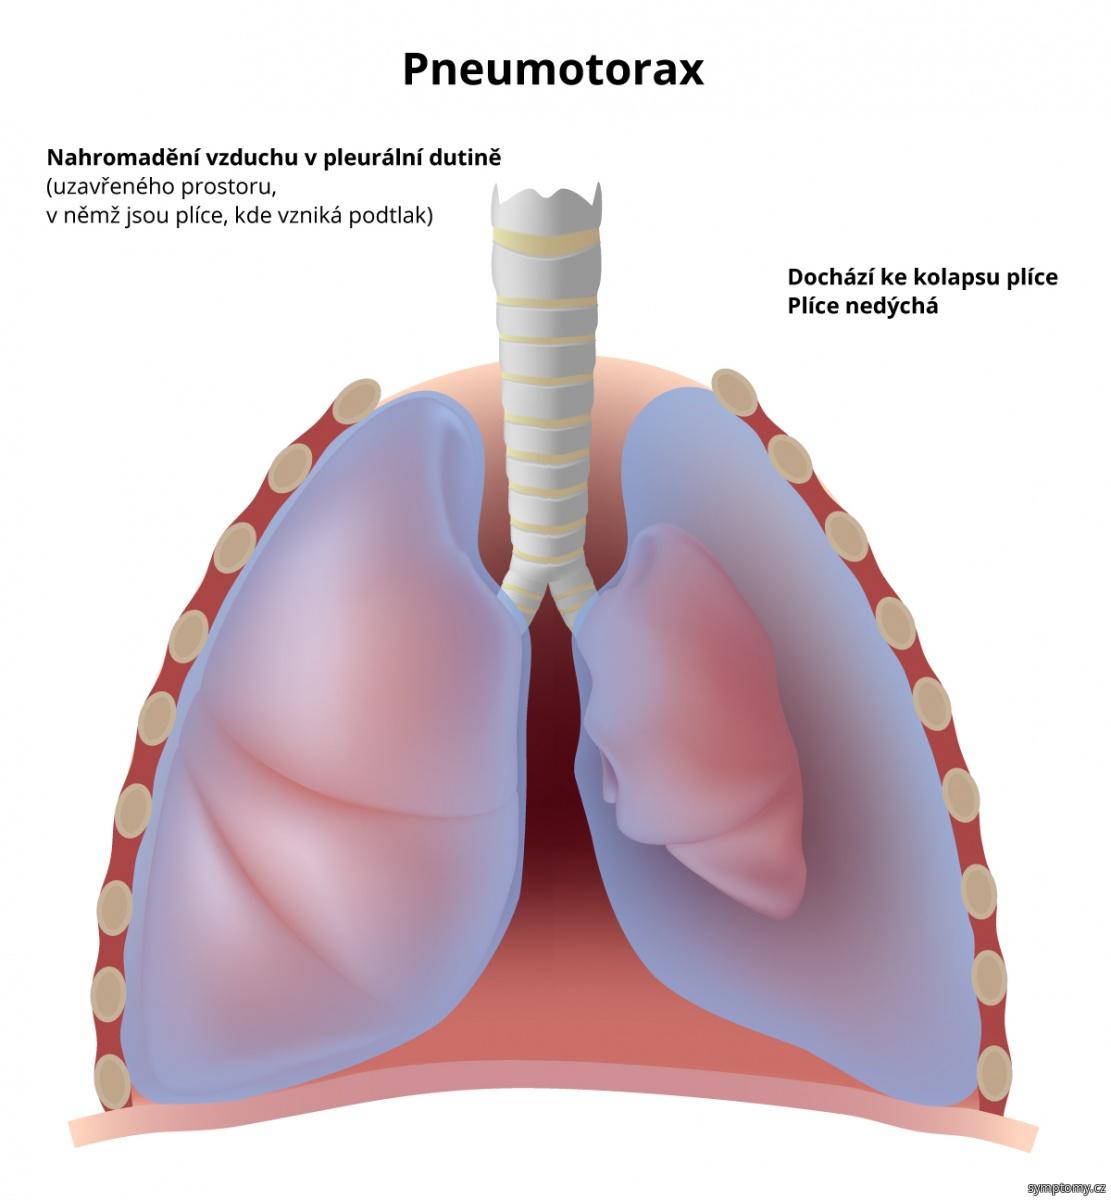 Pneumotorax (nahromadění vzduchu v pleurální dutině)